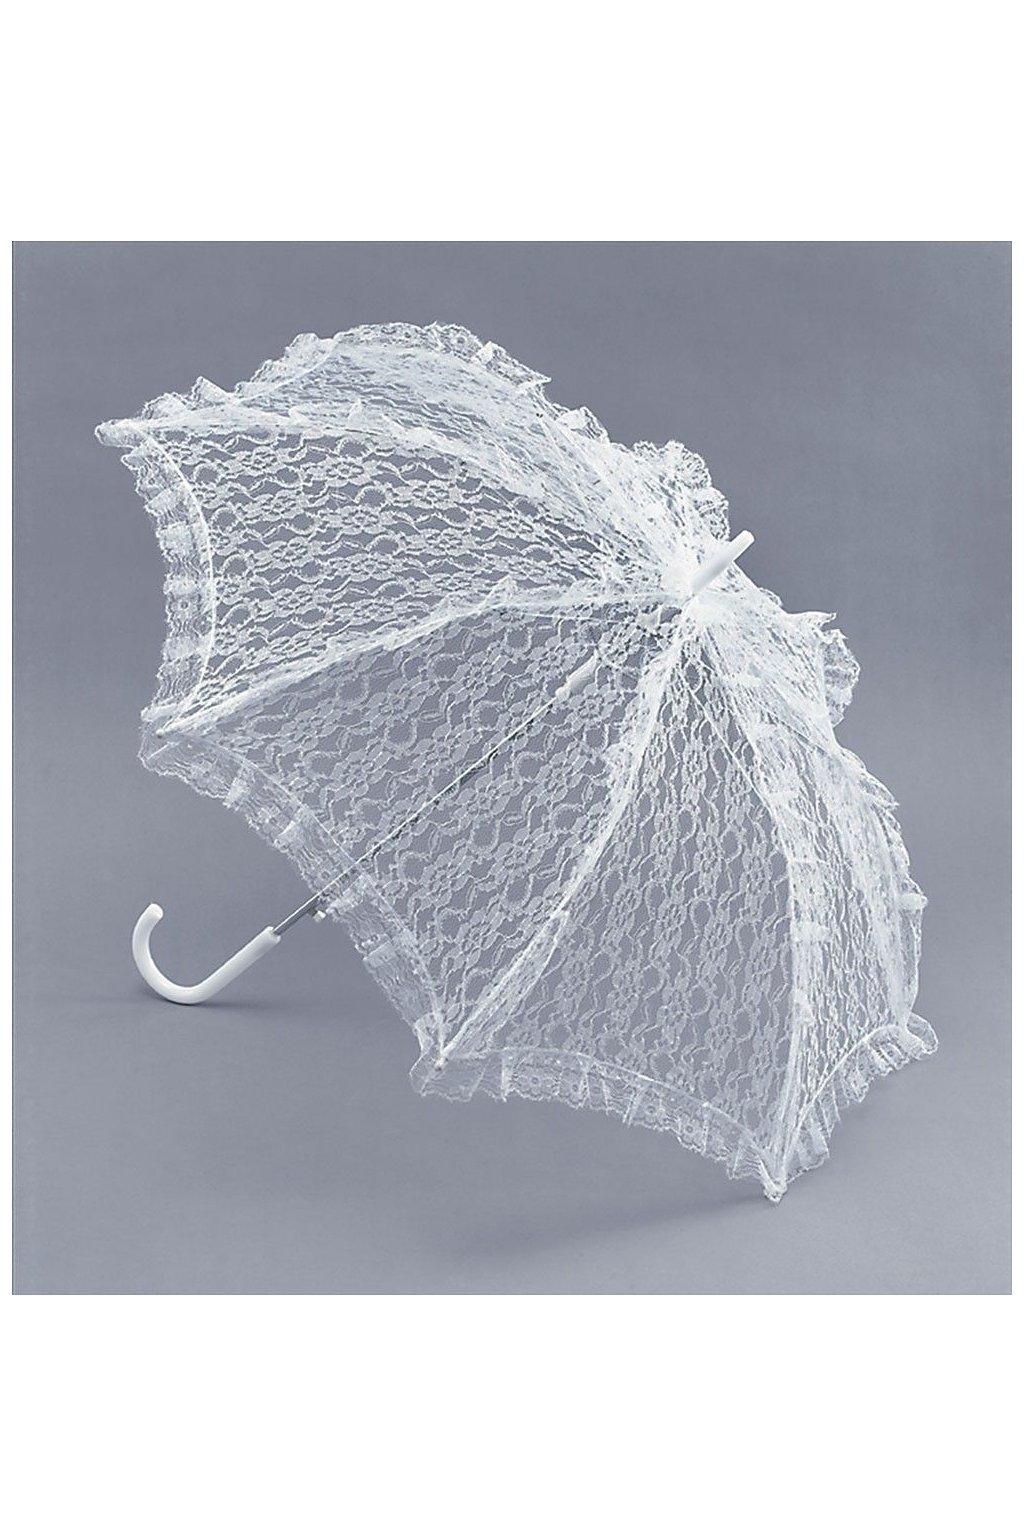 Bílé paraple - svatební dekorace